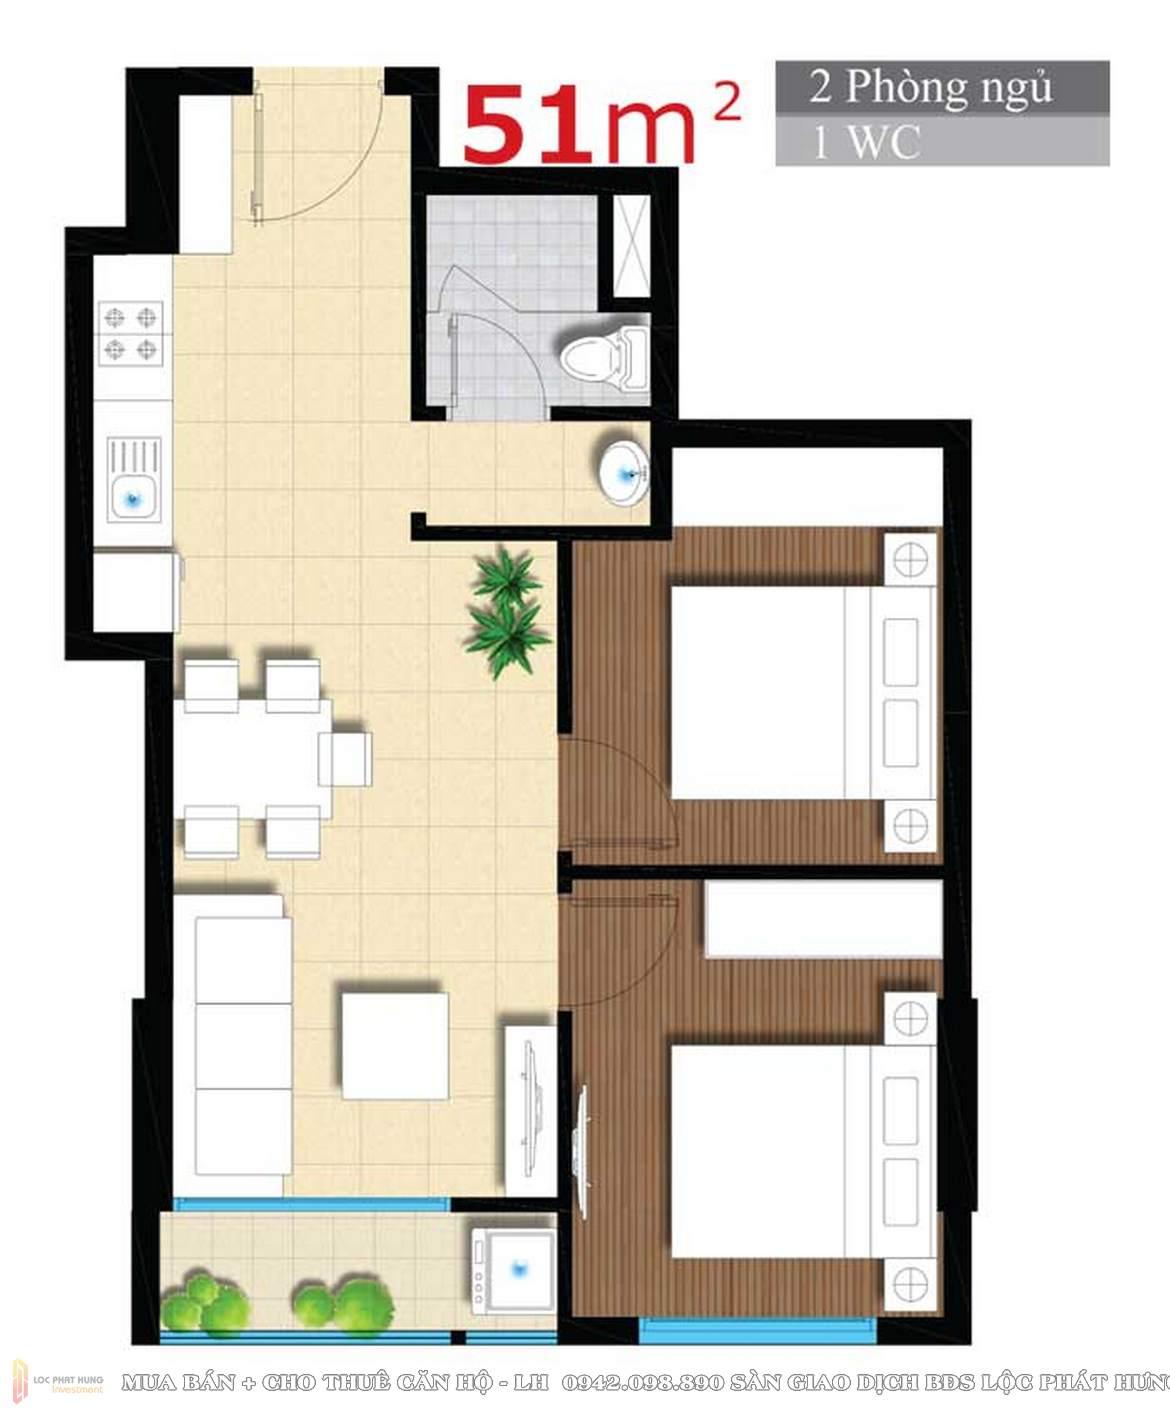 Mặt bằng căn hộ thiết kế căn hộ An Gia Star Quận Bình Tân diện tích 50m2